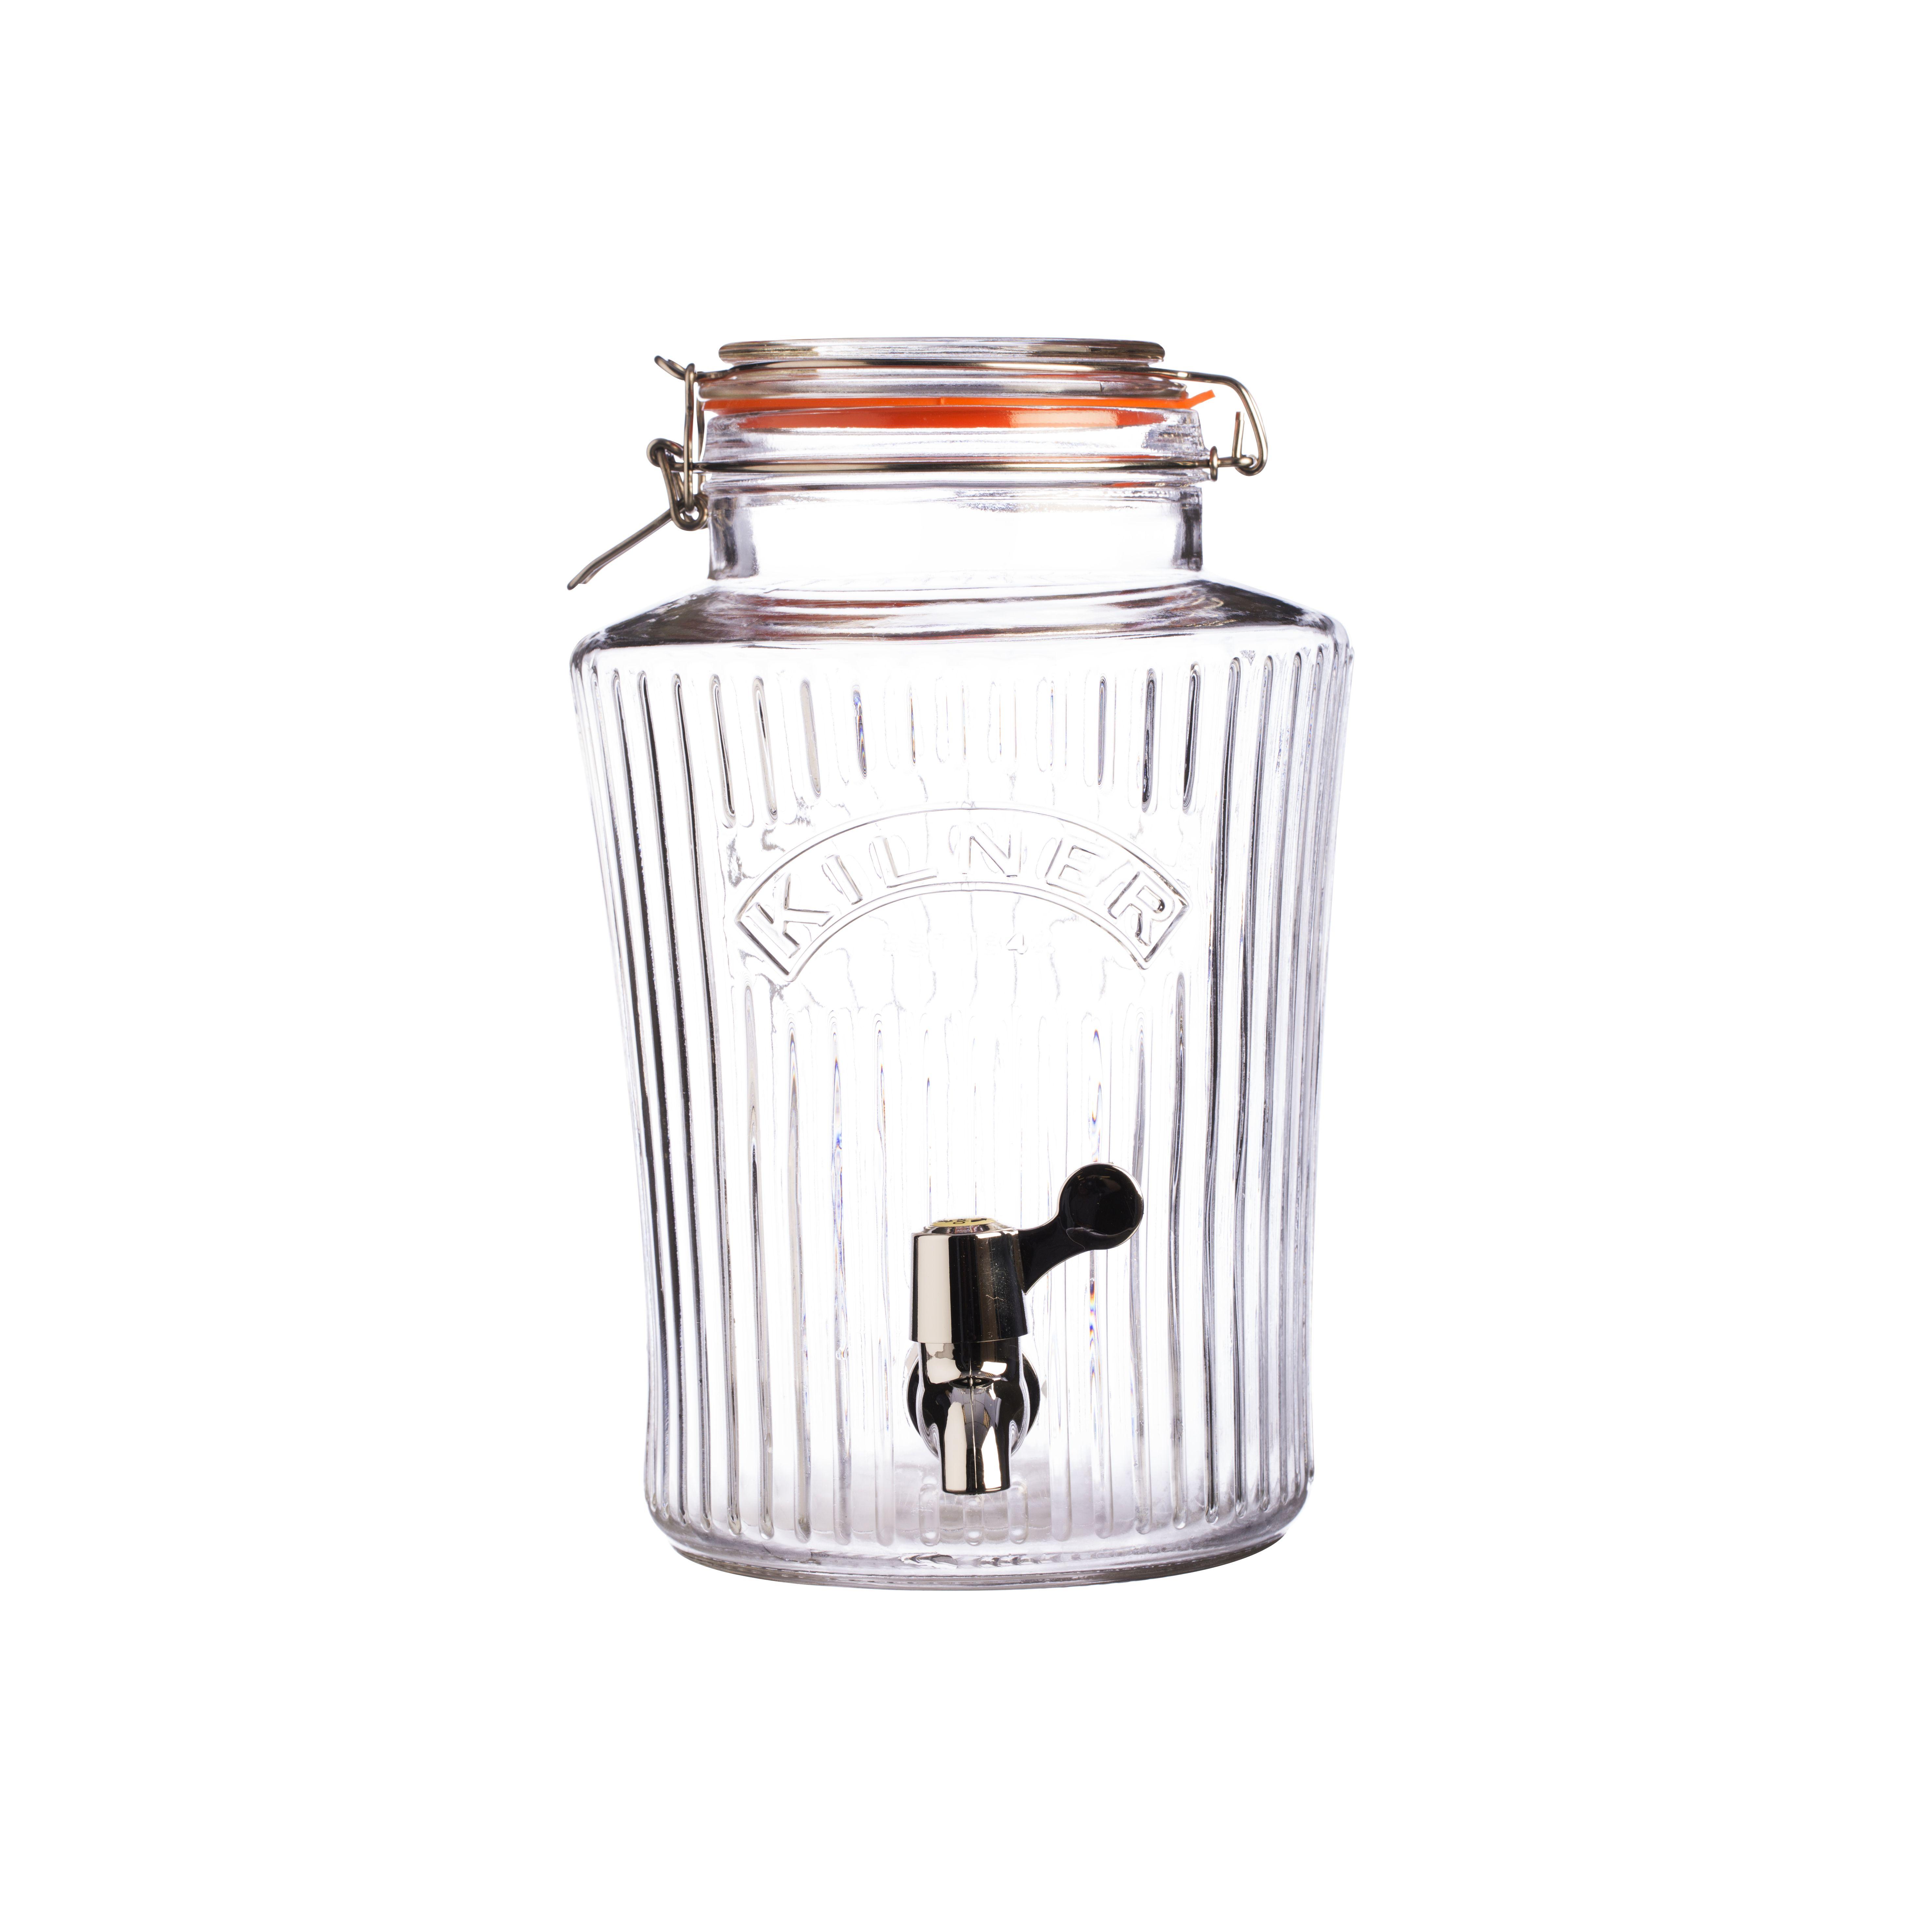 distributeur vintage bocal jar bocaux le parfait kilner verre conserve terrine et confiture. Black Bedroom Furniture Sets. Home Design Ideas